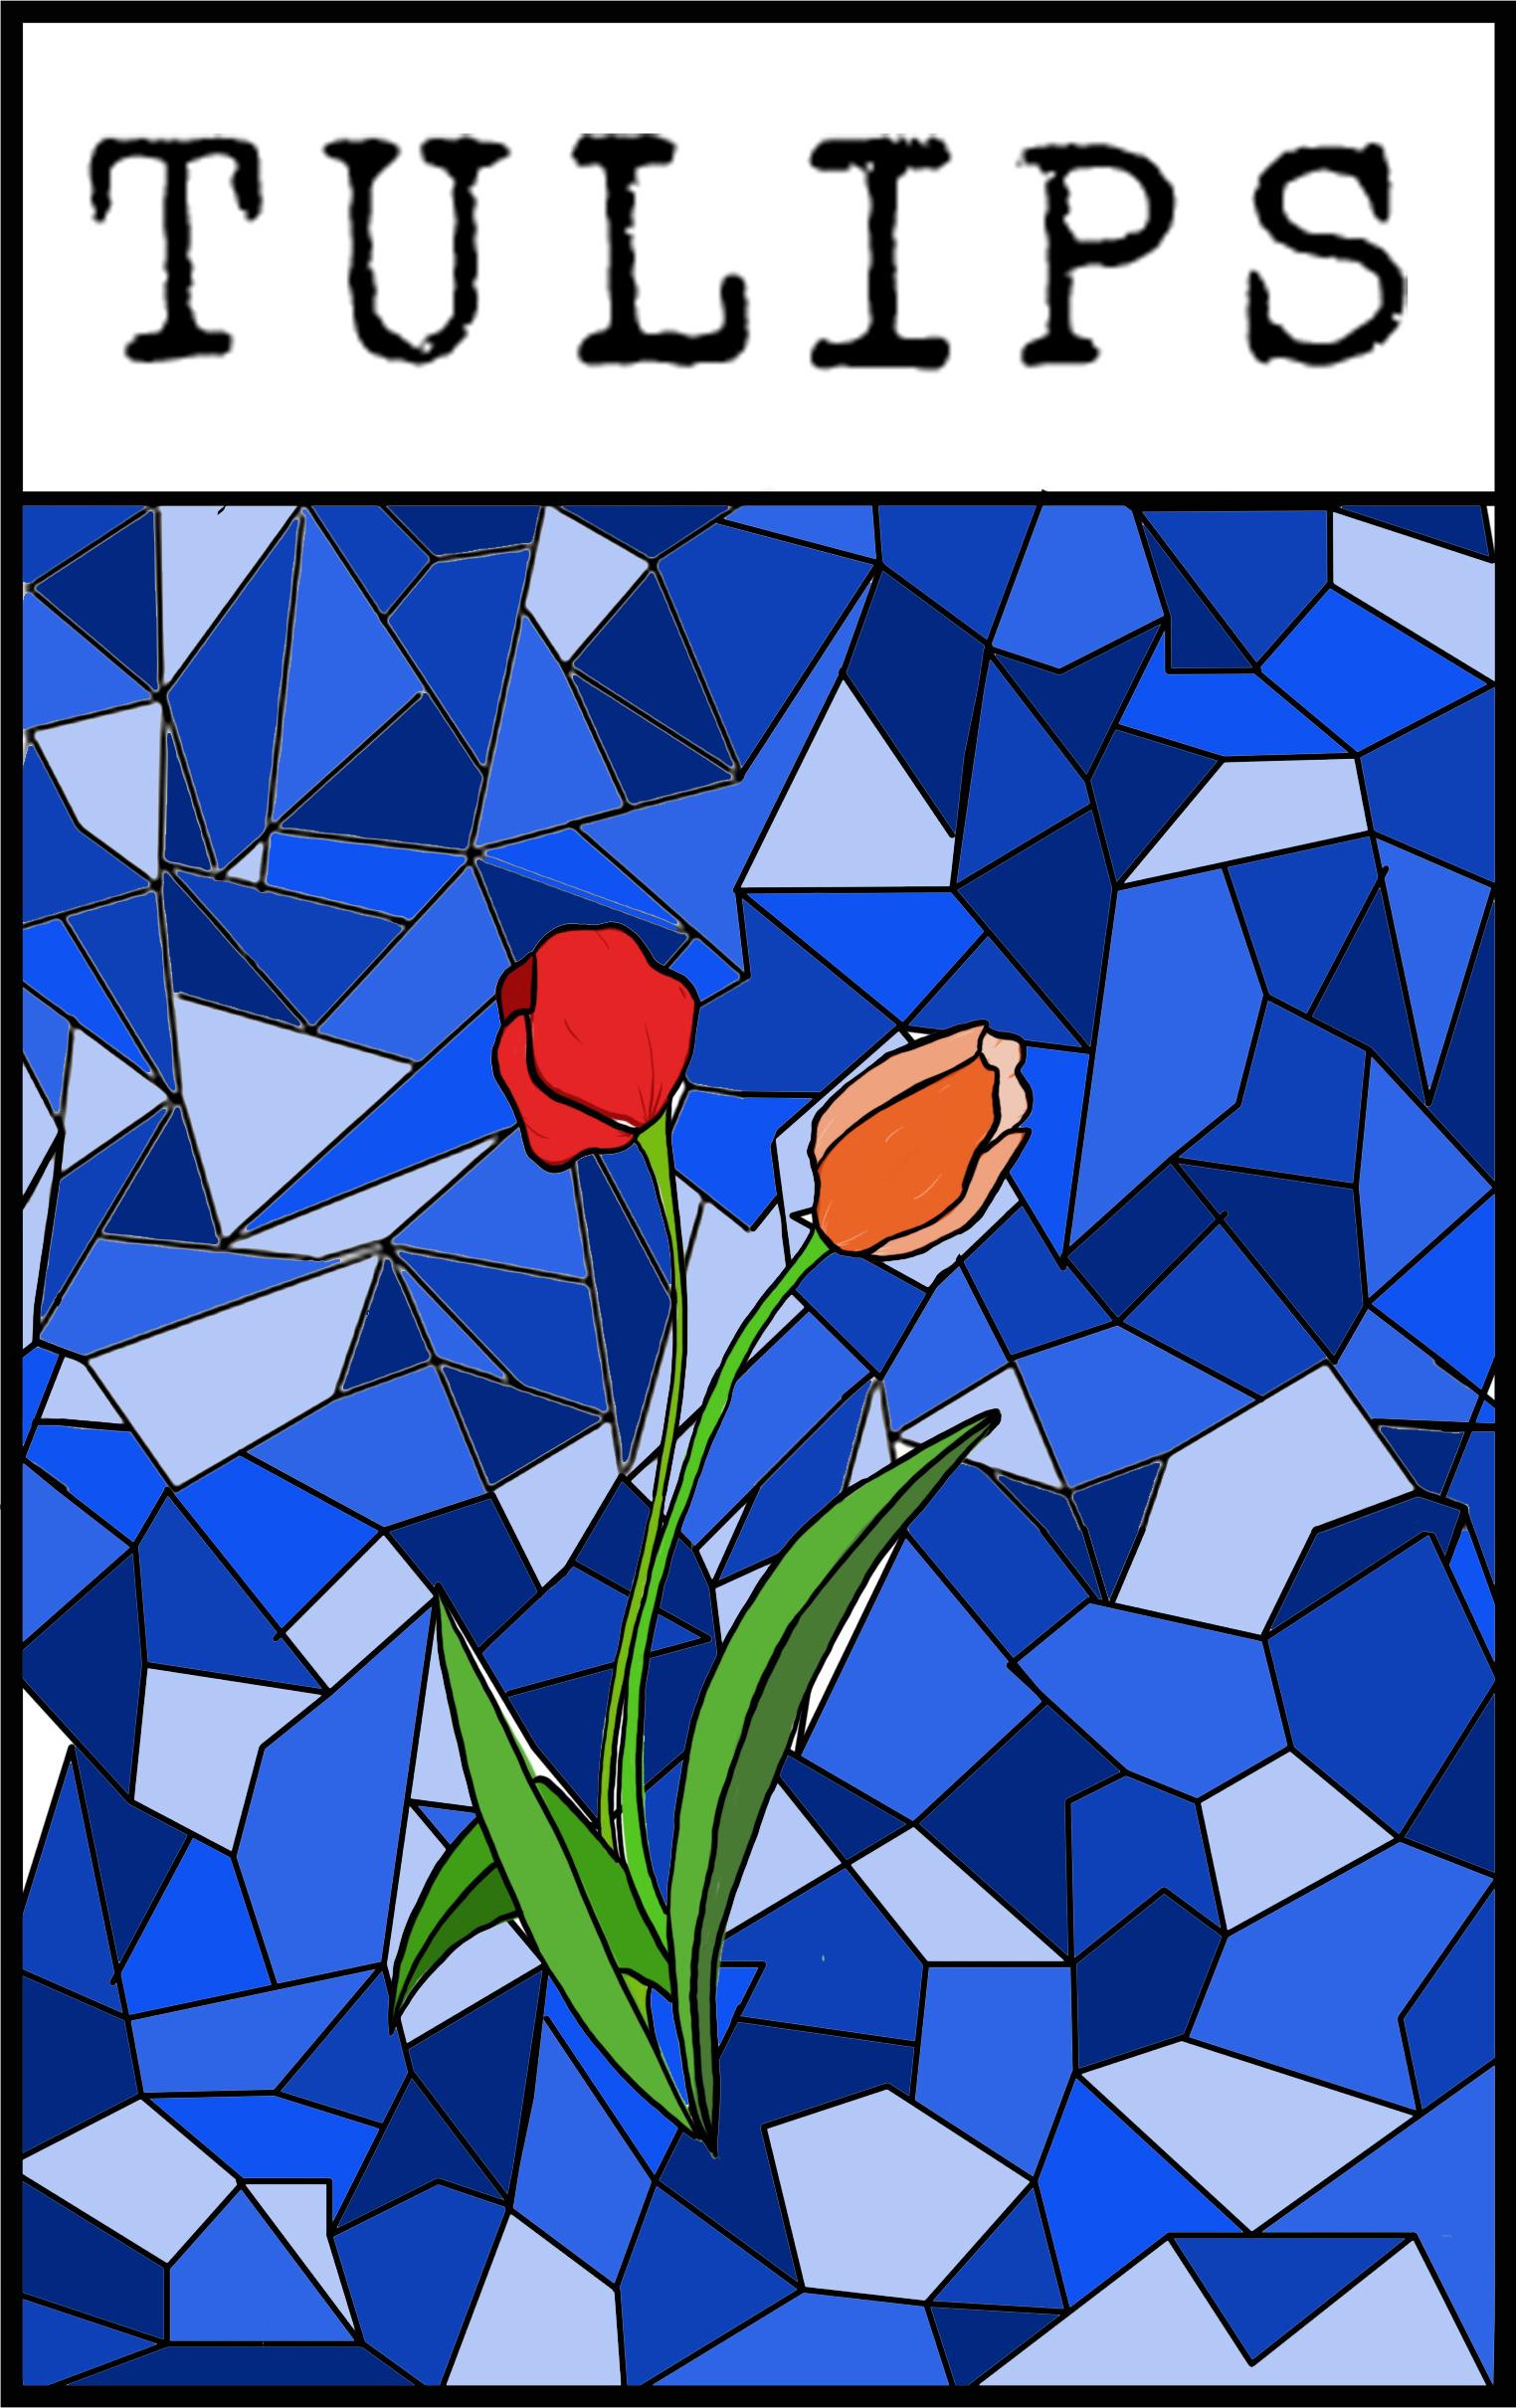 Tulips_Poster.jpg